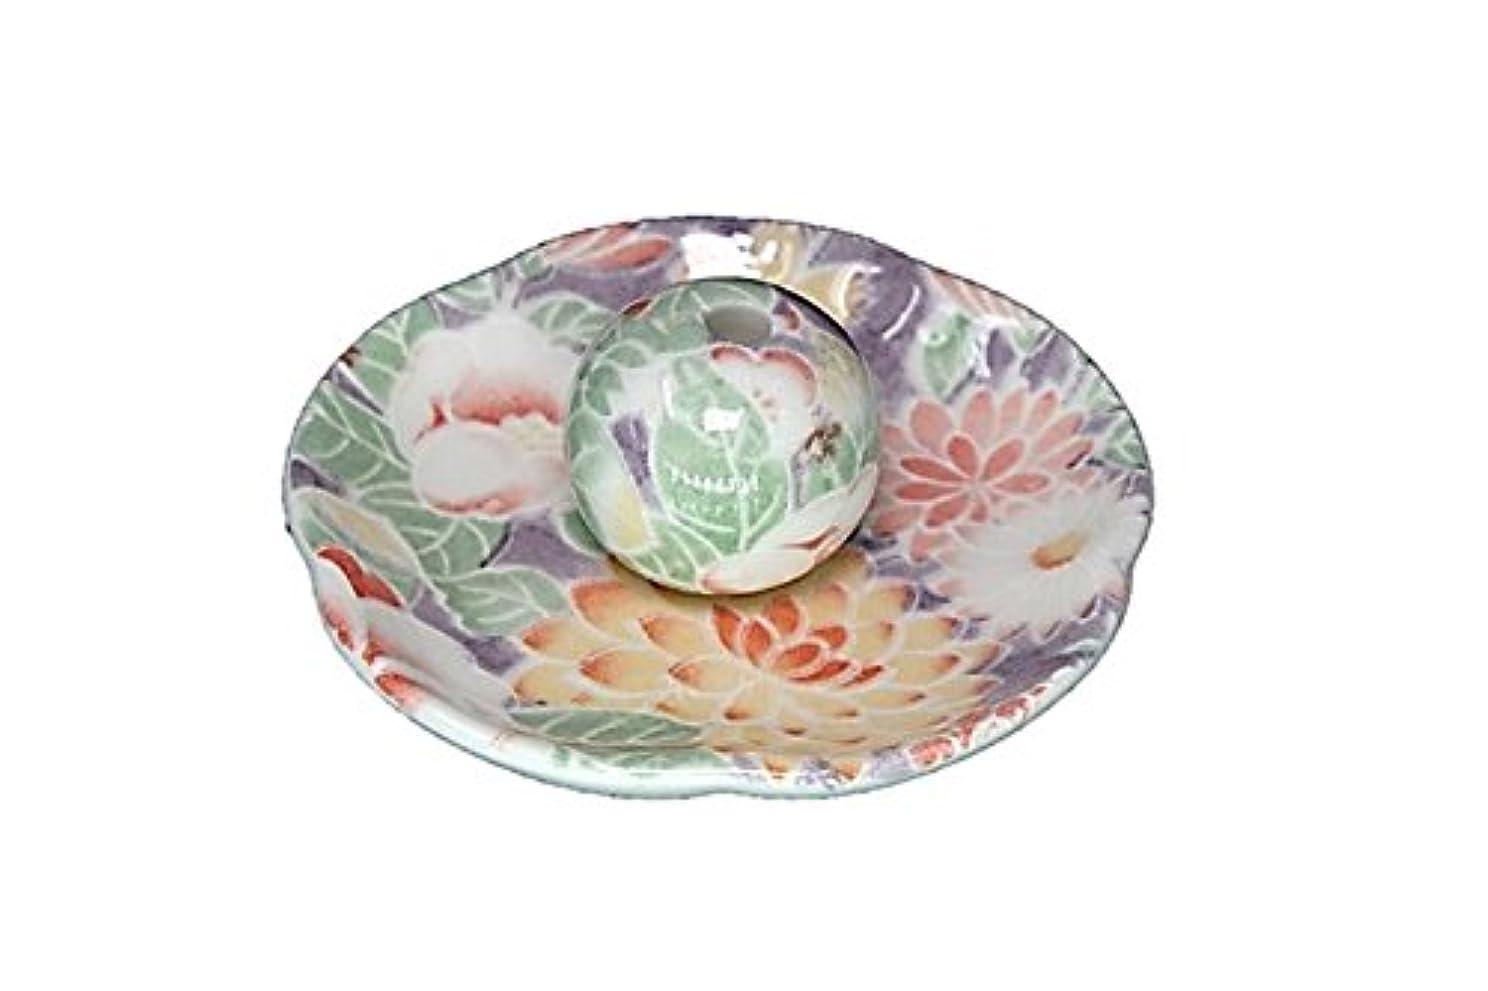 蒸し器フェリー穀物華友禅 花形香皿 お香立て 日本製 製造 直売品